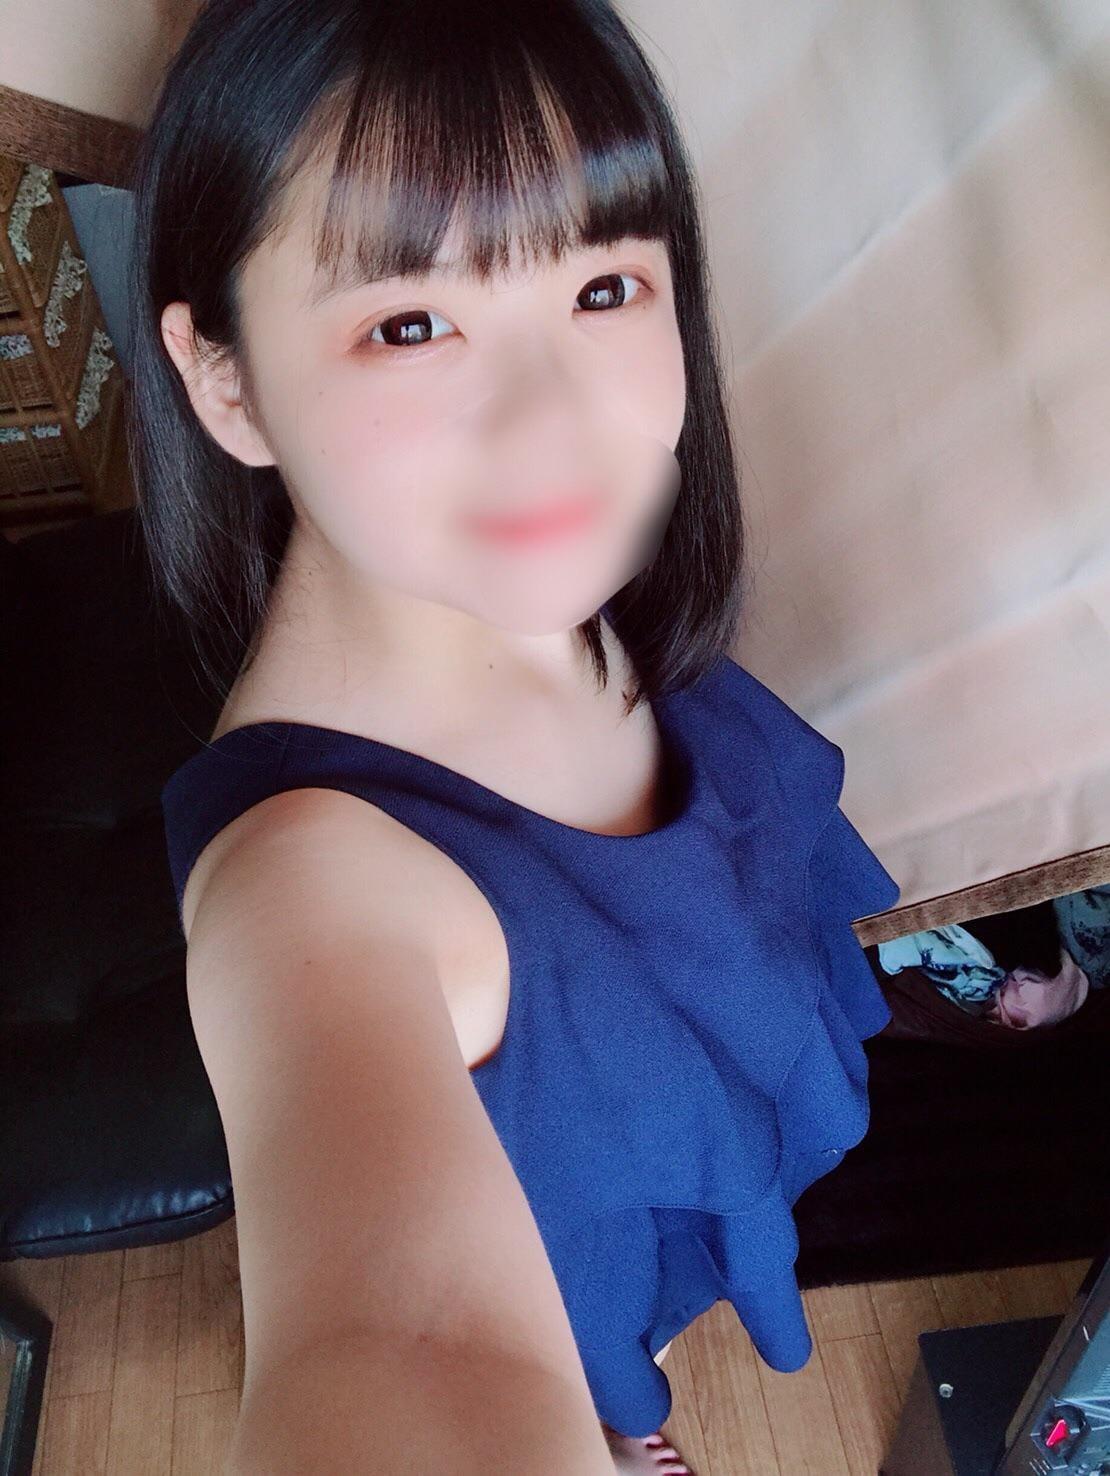 香坂 みおり「お礼?」08/17(金) 19:09   香坂 みおりの写メ・風俗動画